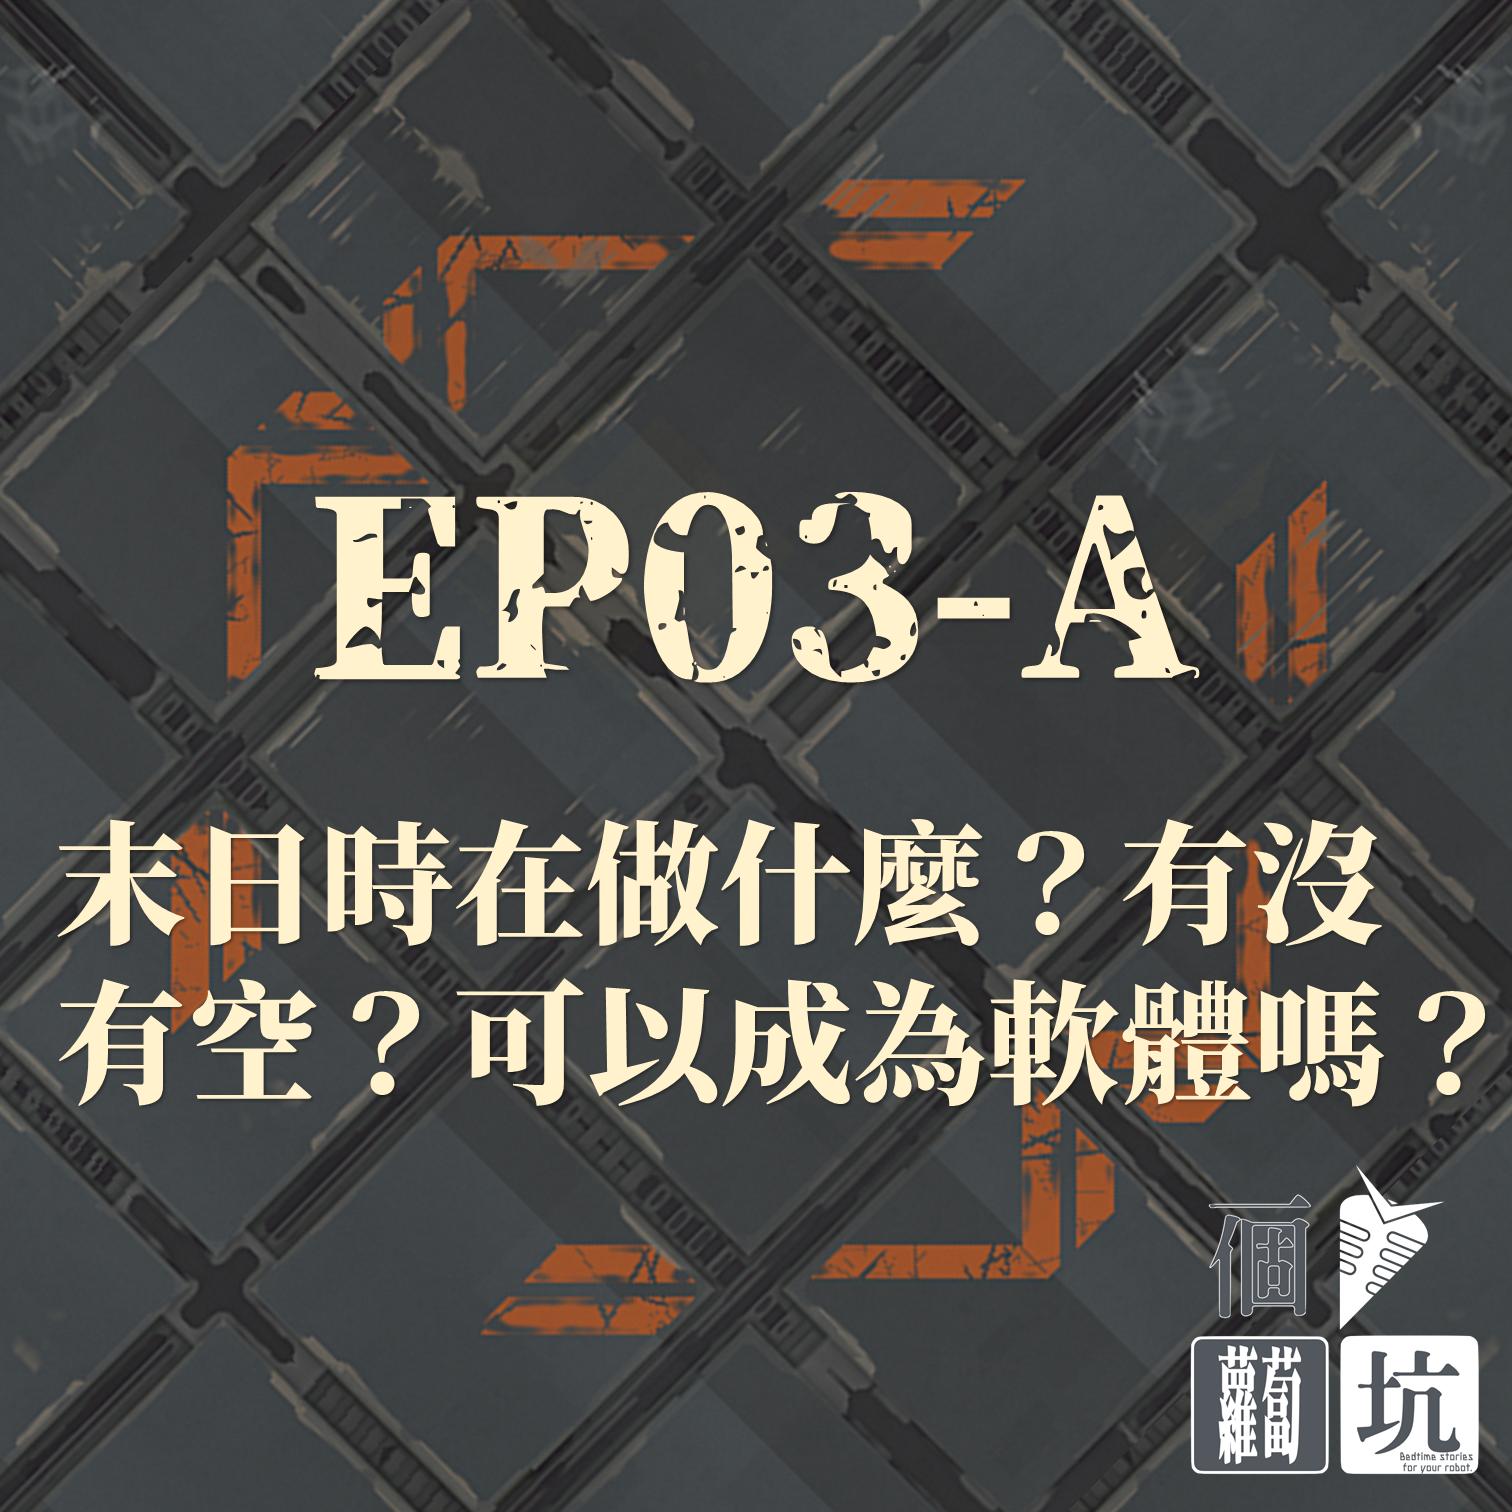 EP03-A:末日時在做什麼?有沒有空?可以成為軟體嗎?